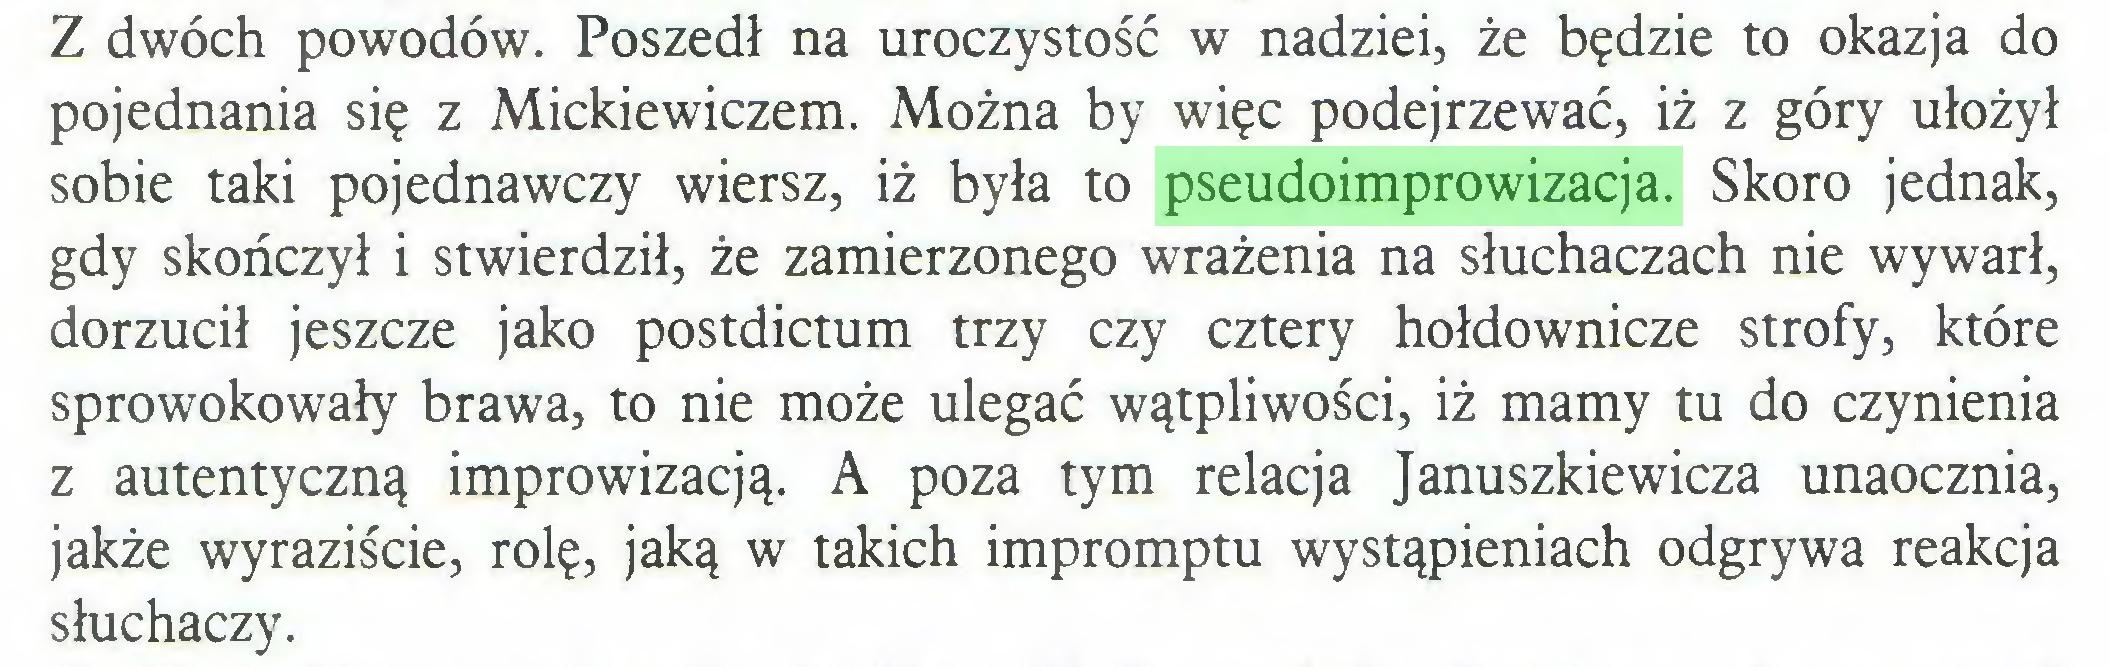 (...) Z dwóch powodów. Poszedł na uroczystość w nadziei, że będzie to okazja do pojednania się z Mickiewiczem. Można by więc podejrzewać, iż z góry ułożył sobie taki pojednawczy wiersz, iż była to pseudoimprowizacja. Skoro jednak, gdy skończył i stwierdził, że zamierzonego wrażenia na słuchaczach nie wywarł, dorzucił jeszcze jako postdictum trzy czy cztery hołdownicze strofy, które sprowokowały brawa, to nie może ulegać wątpliwości, iż mamy tu do czynienia z autentyczną improwizacją. A poza tym relacja Januszkiewicza unaocznia, jakże wyraziście, rolę, jaką w takich impromptu wystąpieniach odgrywa reakcja słuchaczy...